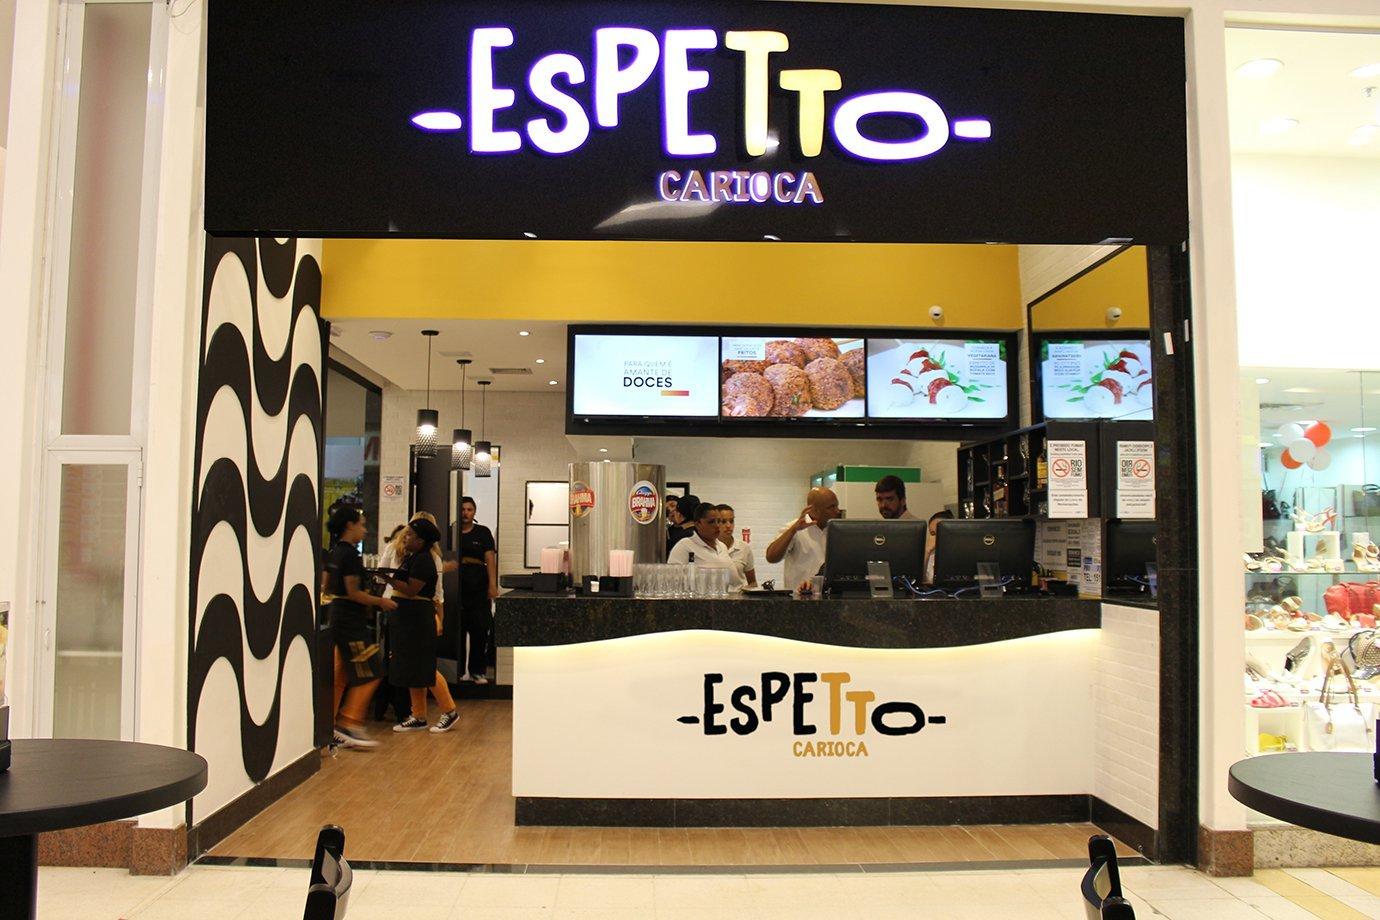 Espetto Carioca